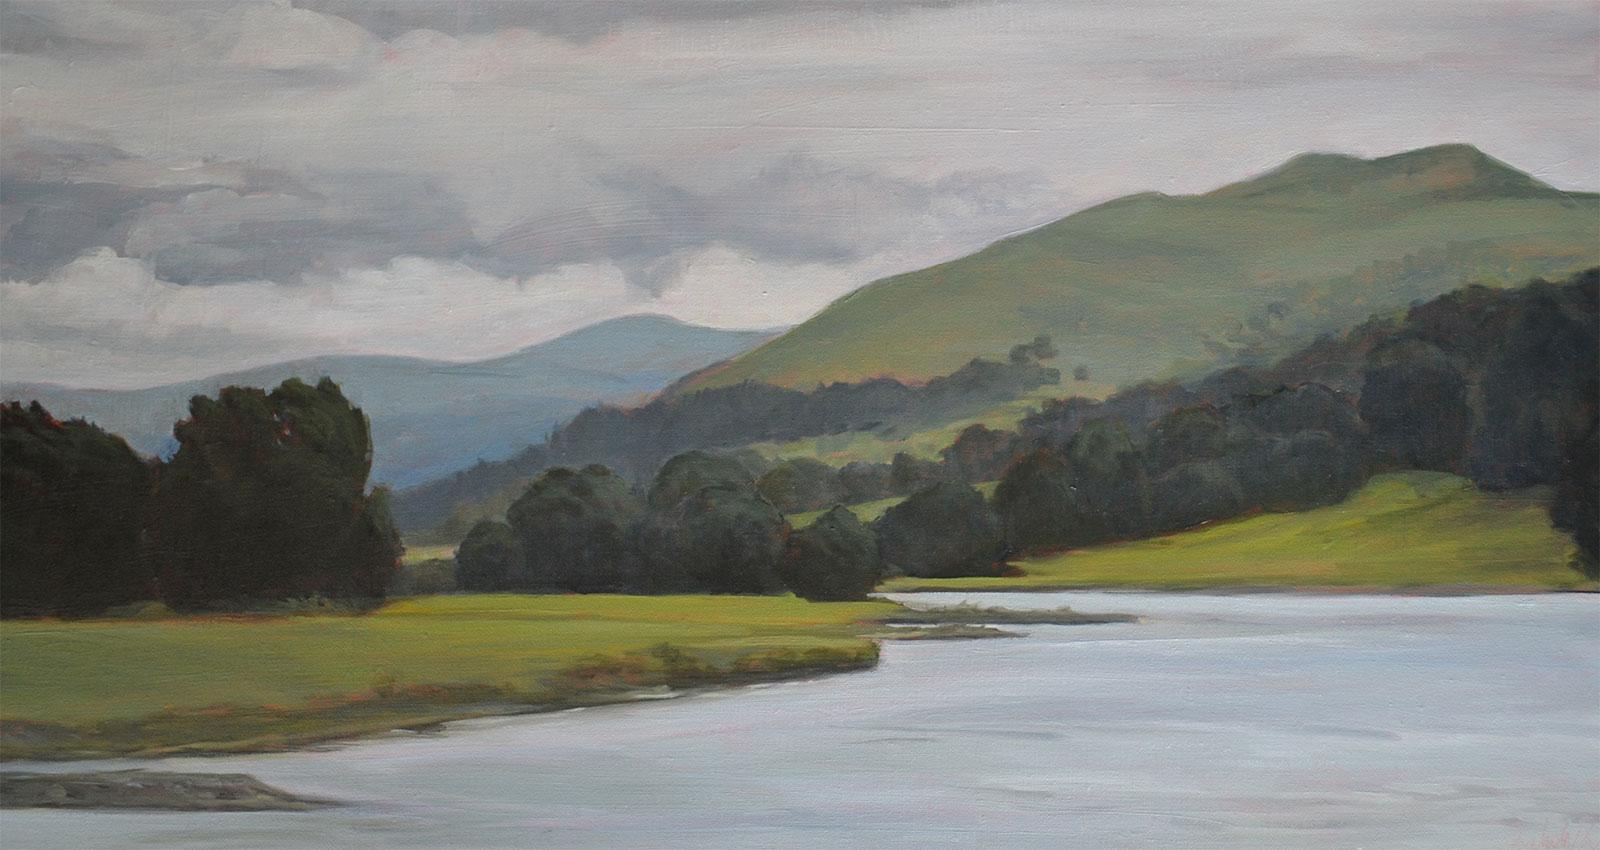 Glencar Lake I